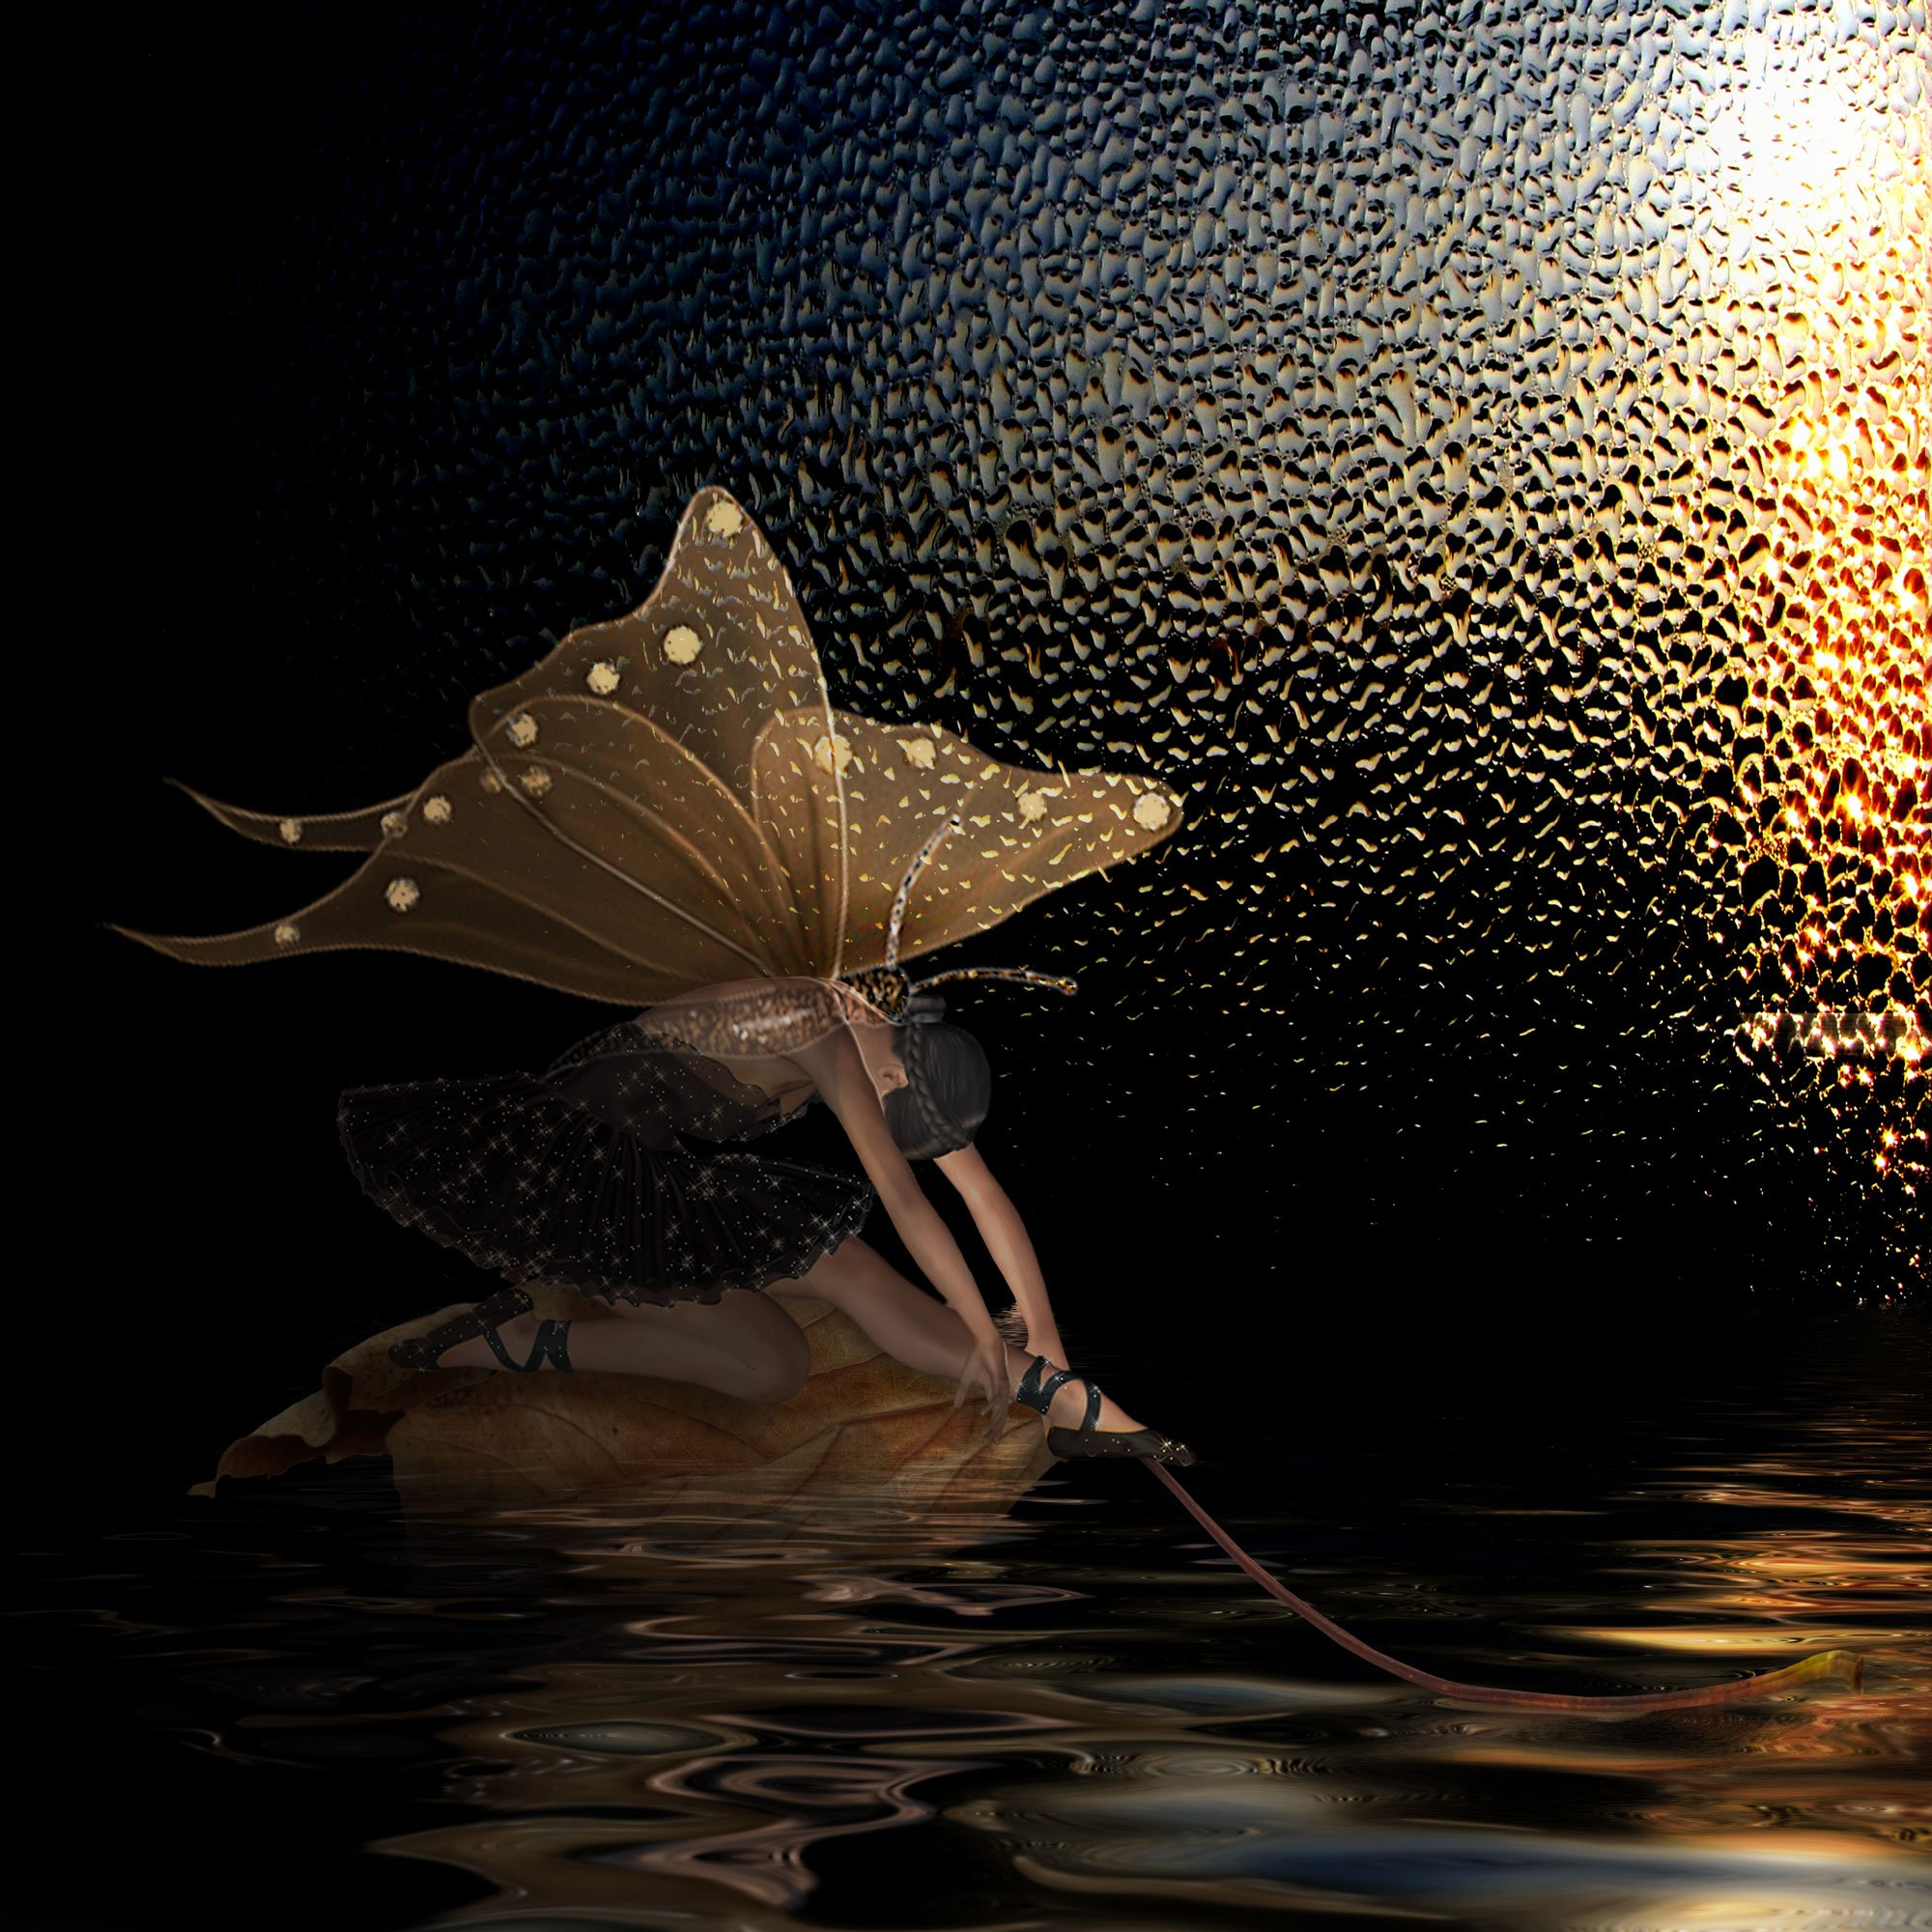 бабочка, вода, девушка, лист,осень, Nataliorion